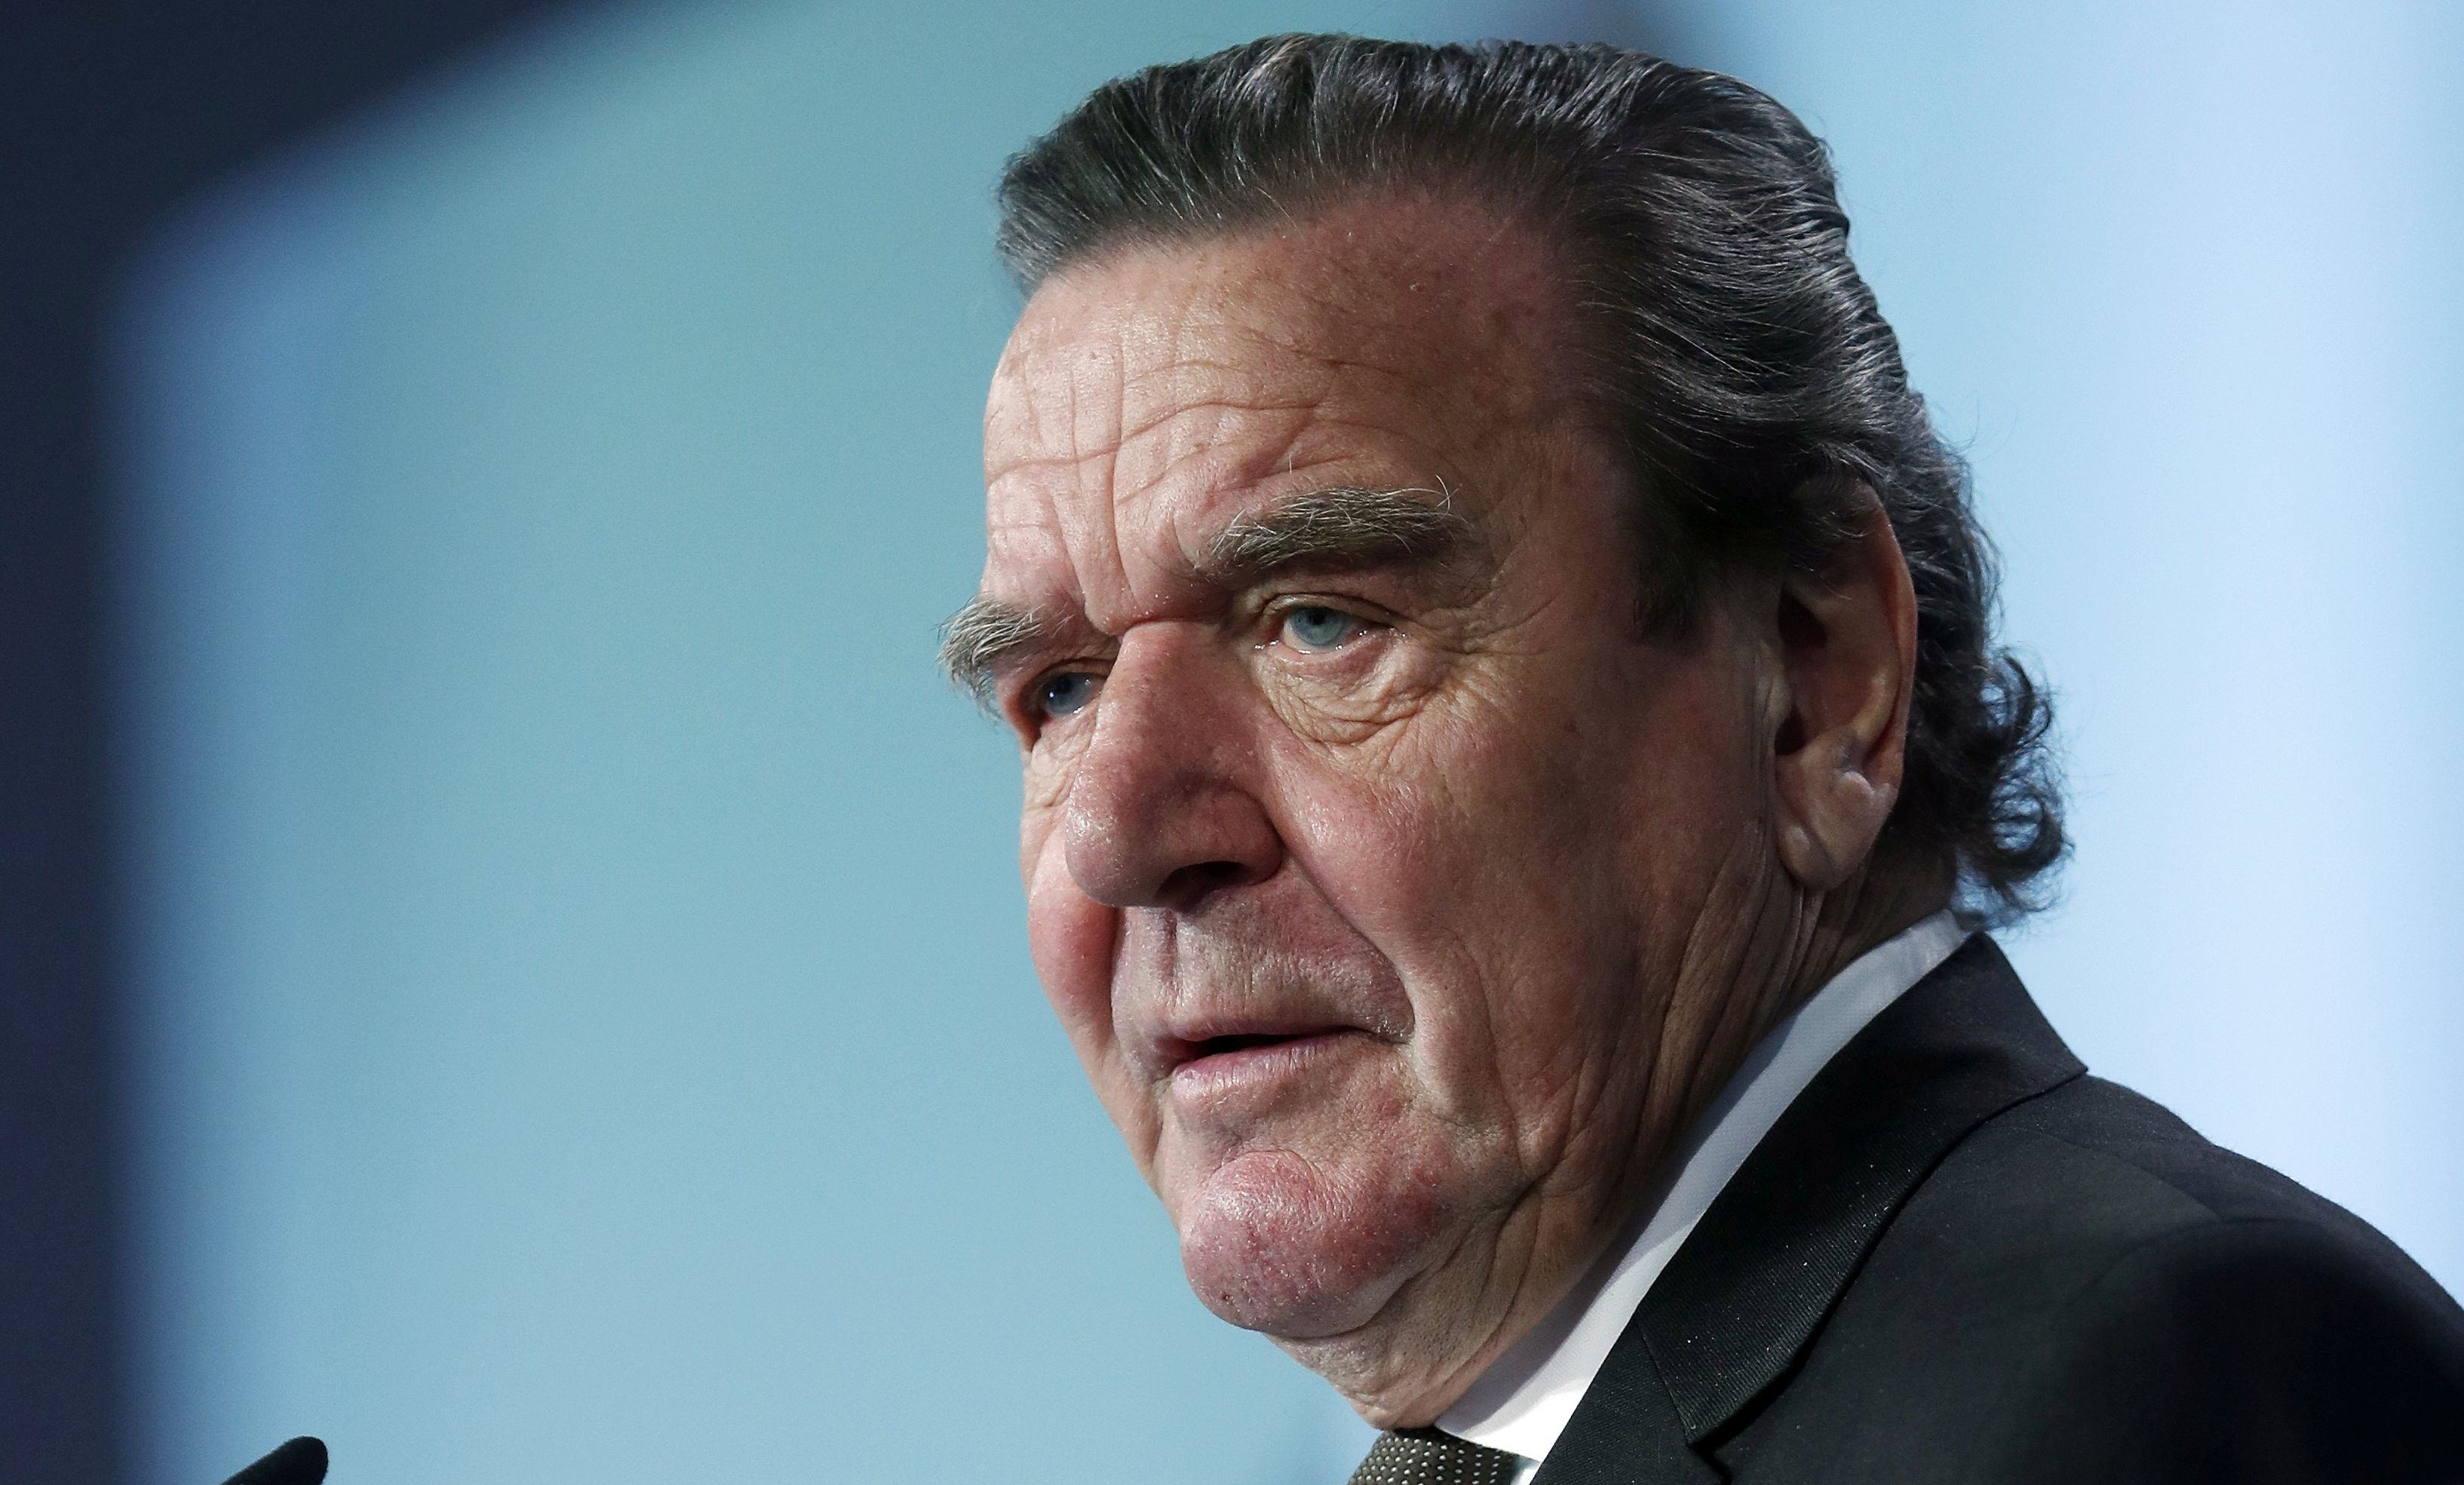 Ruska tvrtka Rosneft izabrala bivšeg njemačkog kancelara Schroedera za predsjednika